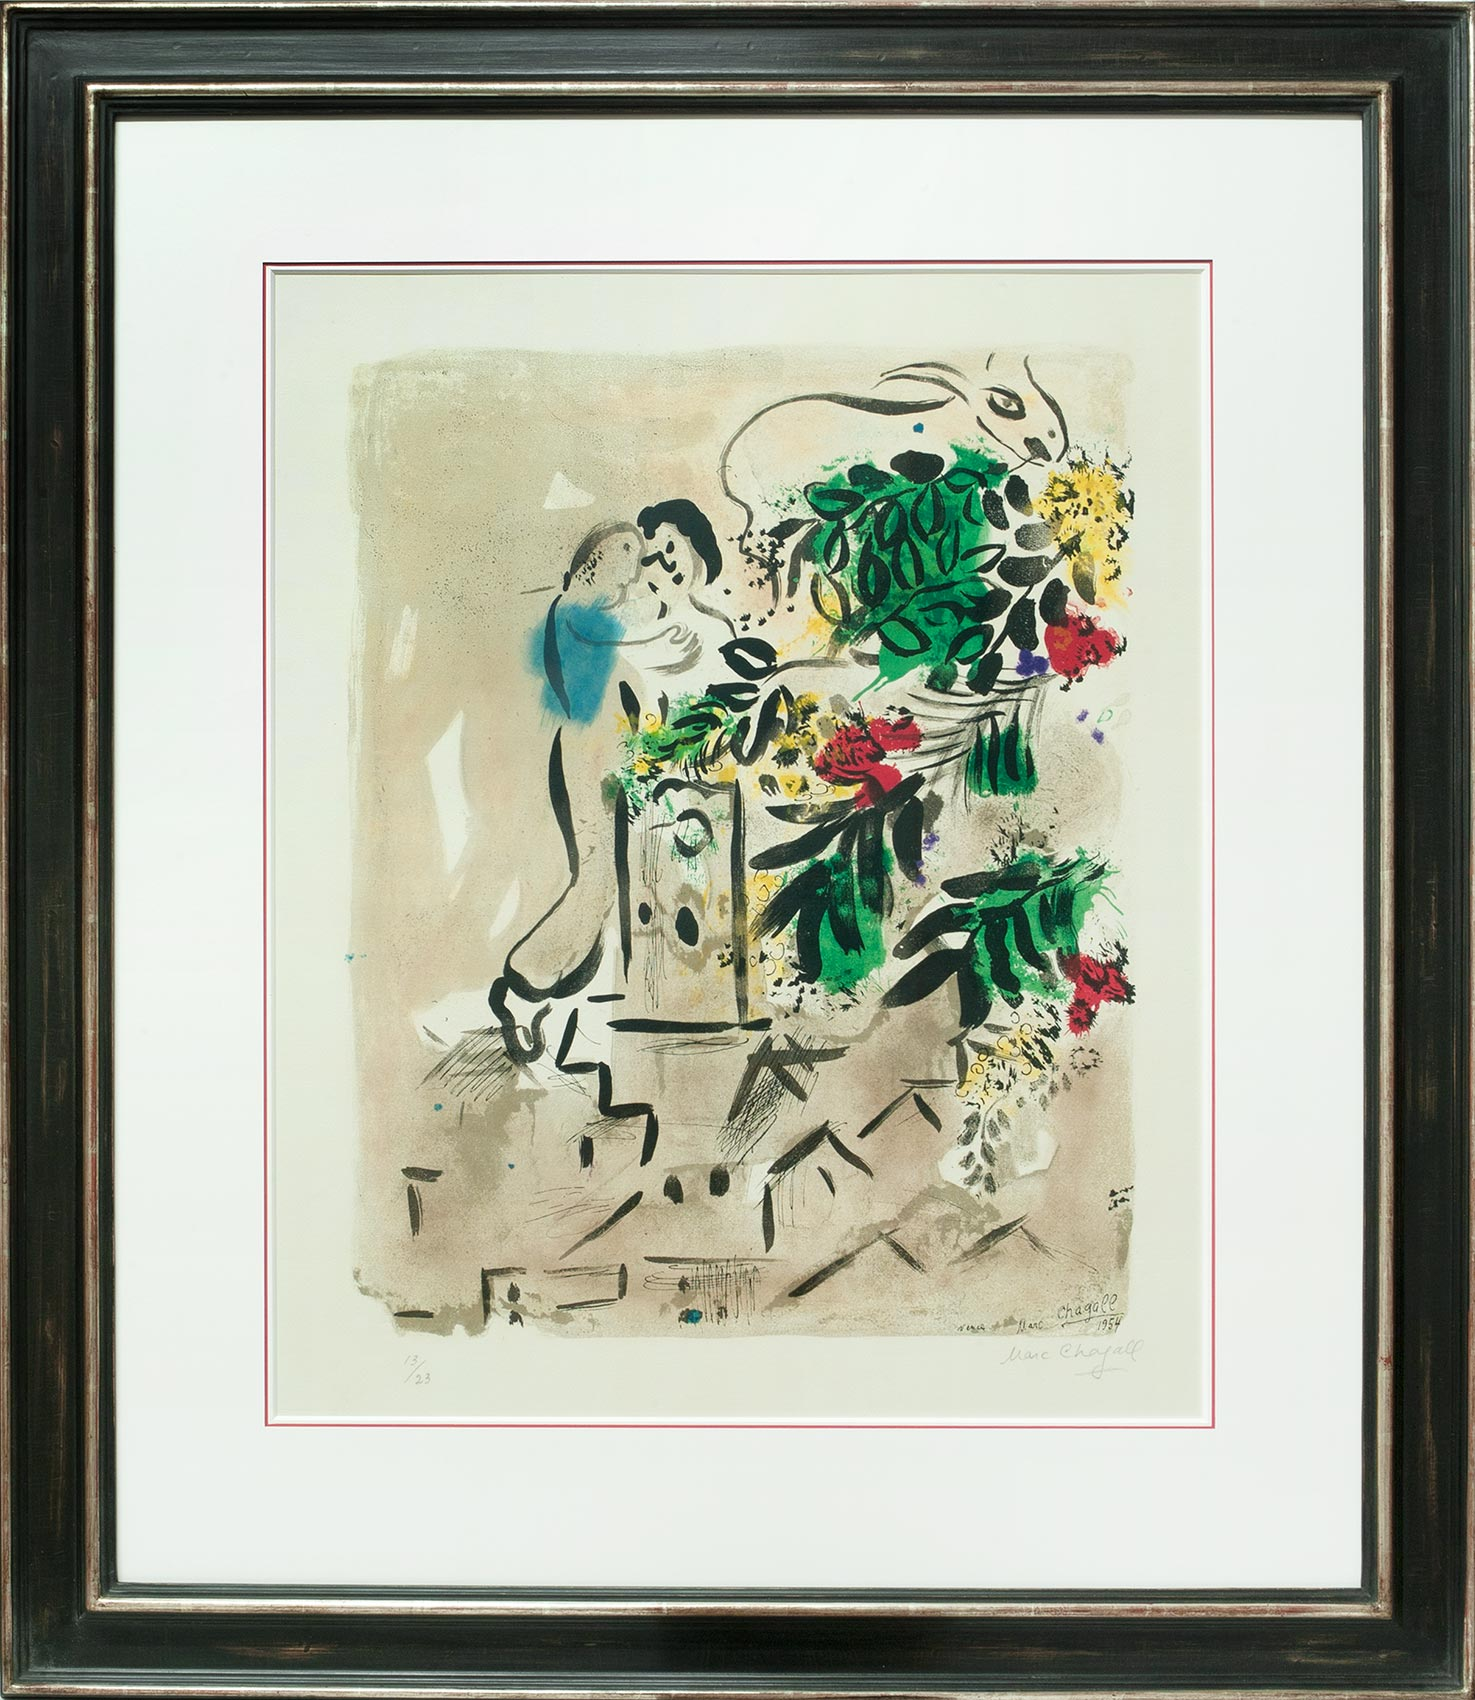 Marc Chagall, Hommage à St. Paul de Vence, Galerie Française